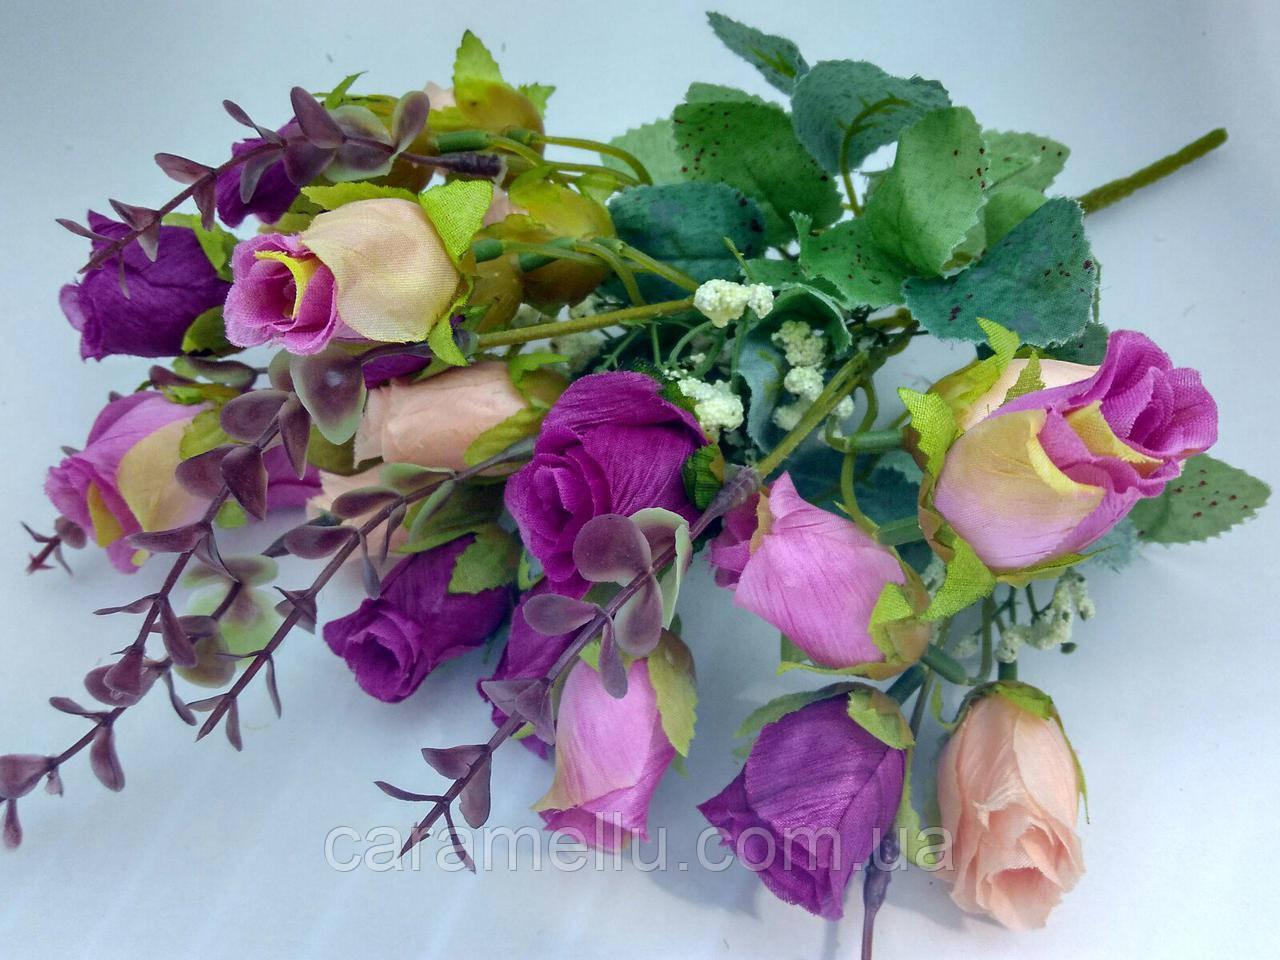 Букет бутоны роз. Сиренево-лососевый